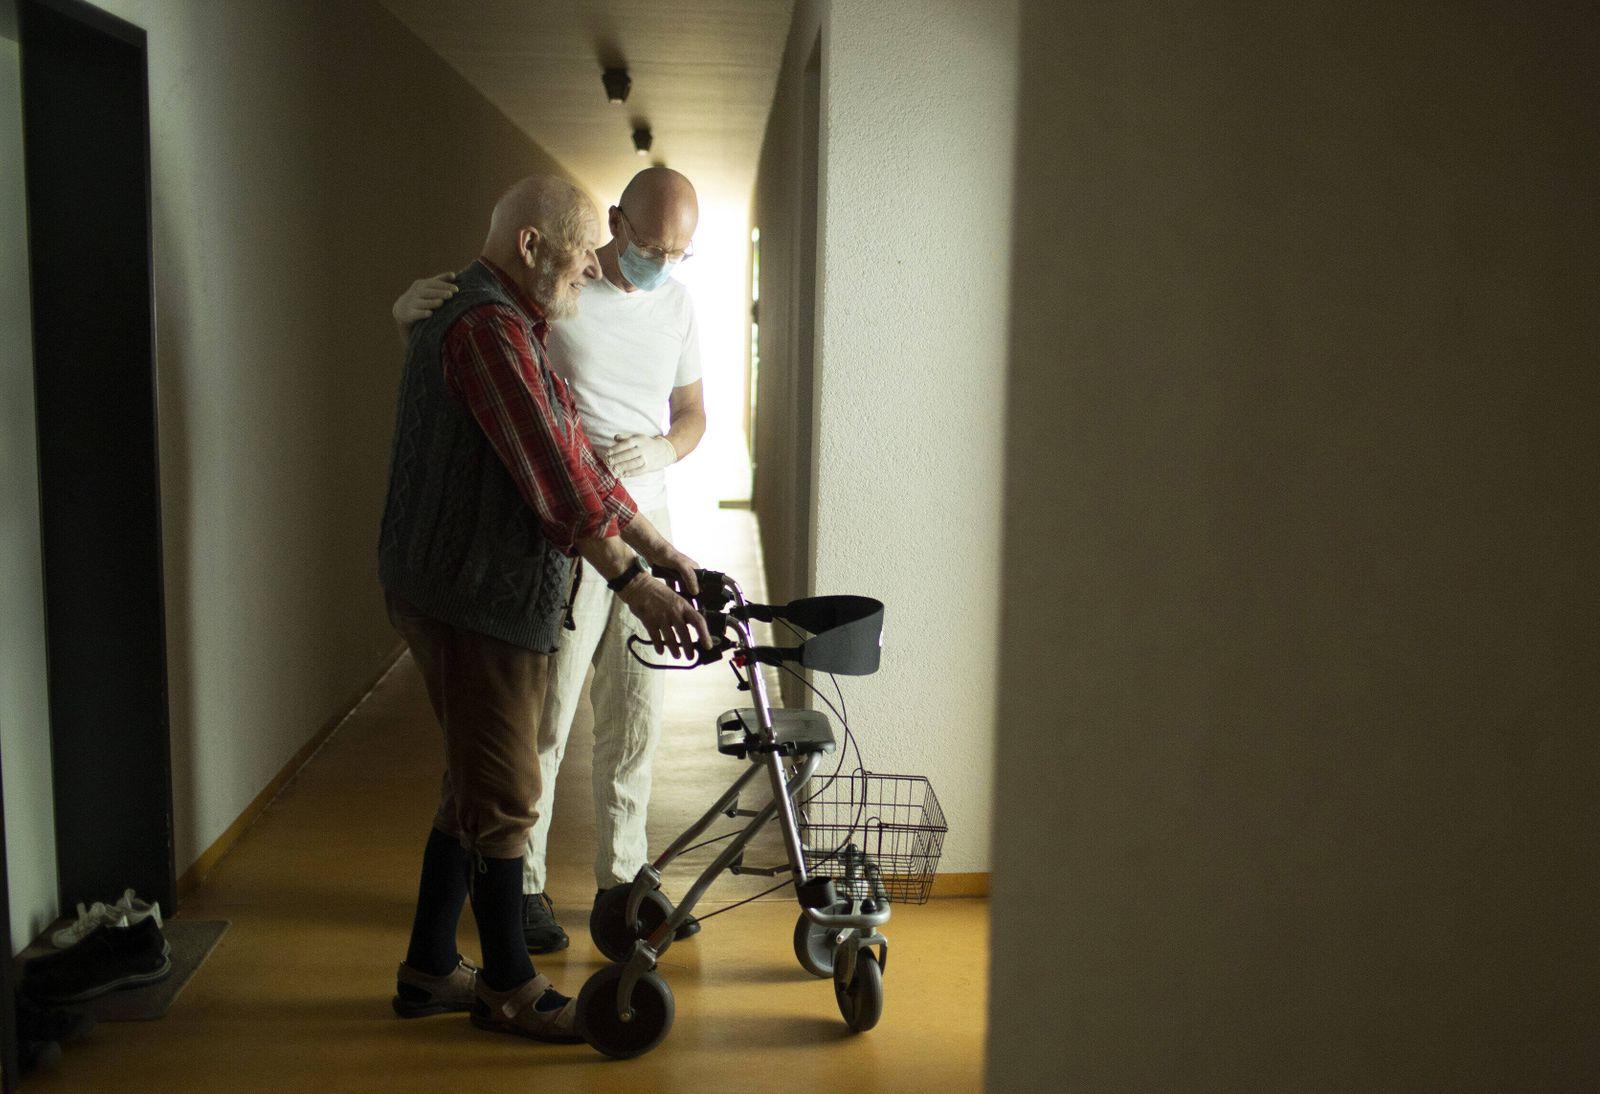 Thema: Altenpfleger und Mann mit Rollator , Heidelberg, 11.06.2020. Heidelberg Deutschland *** Topic geriatric nurse and